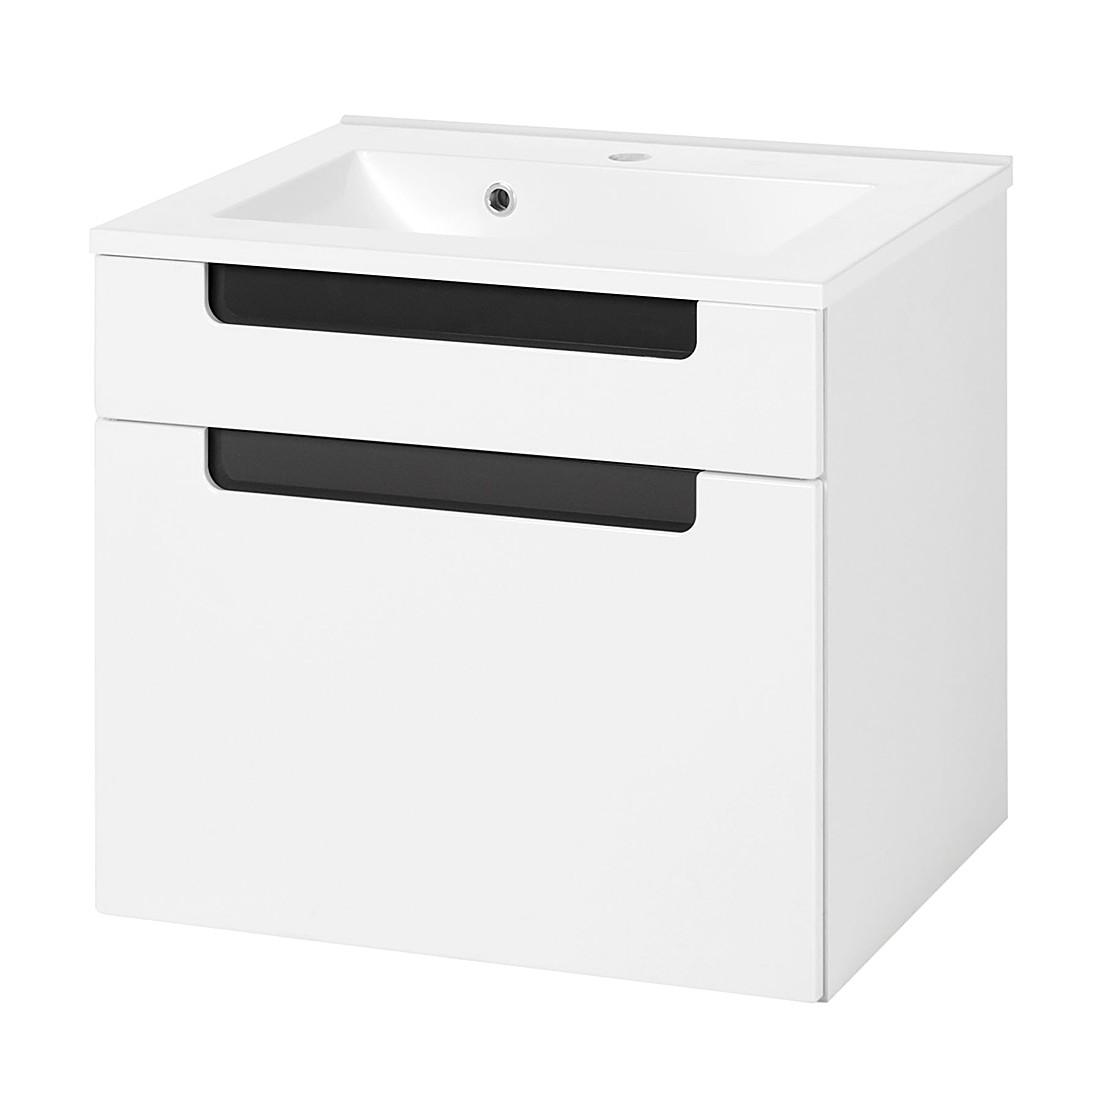 Armadietto da lavabo Laris I - Bianco lucido/antracite, Giessbach